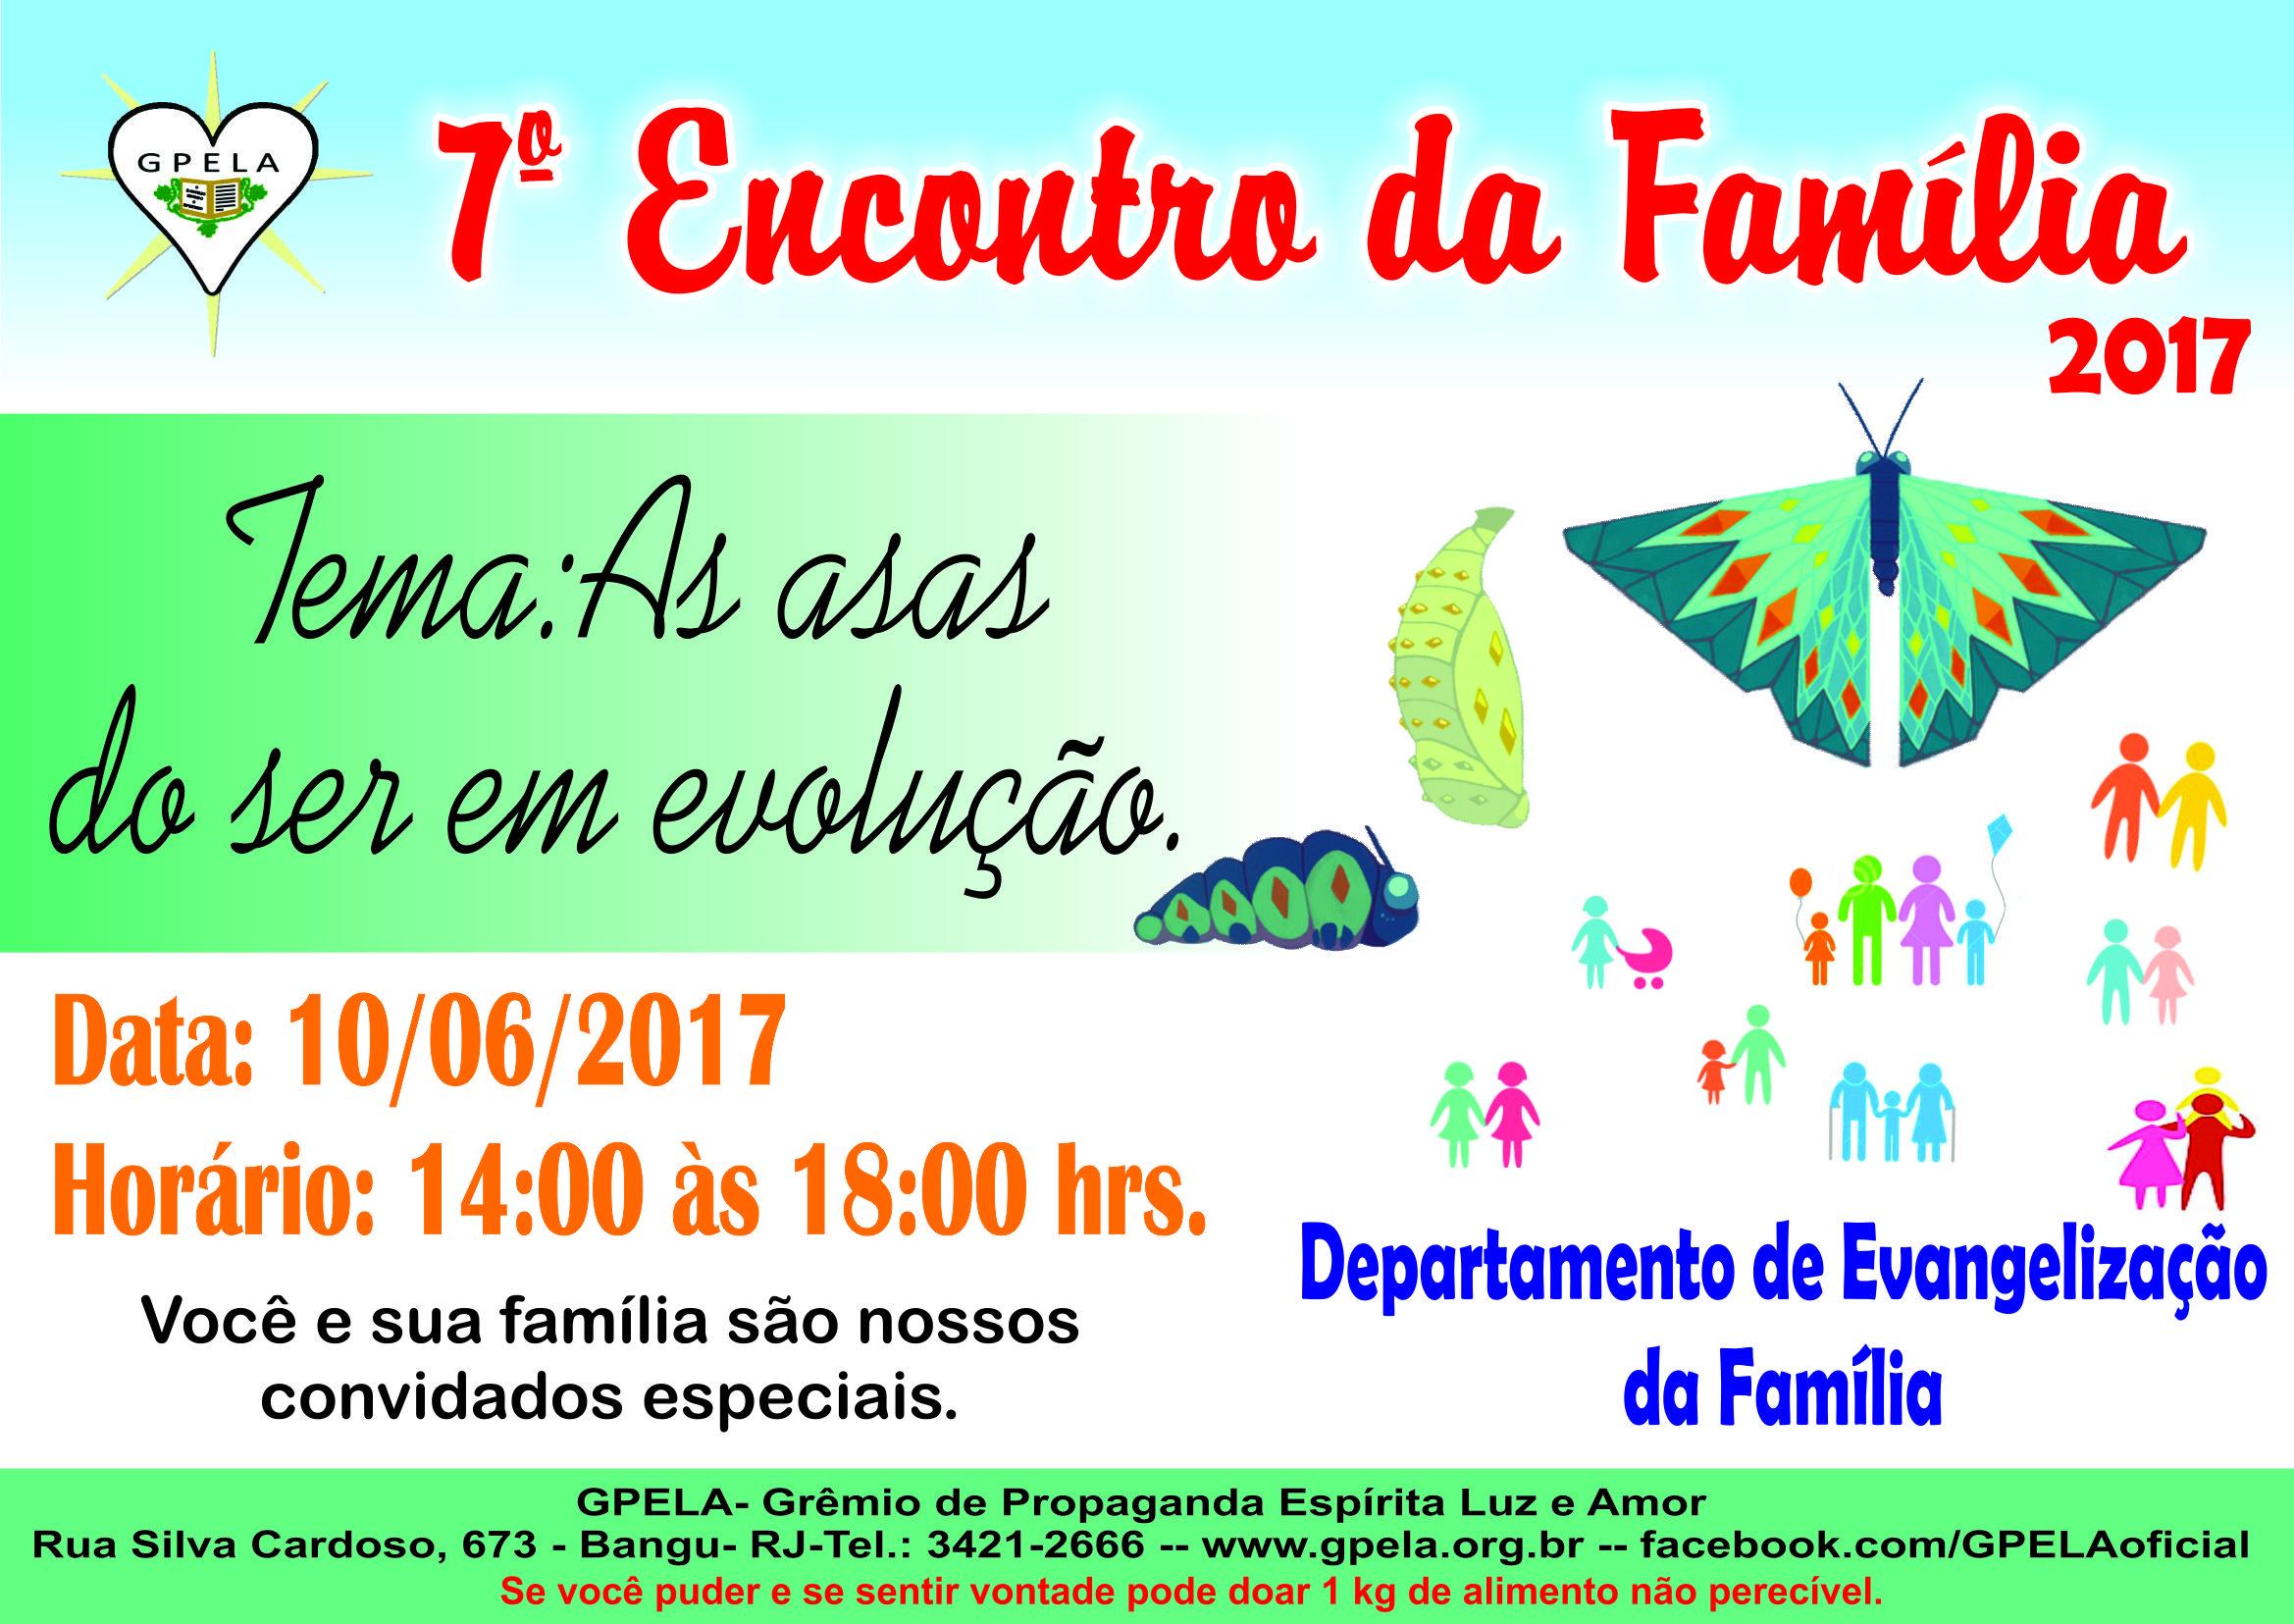 7º Encontro da Família GPELA – Tema: As asas do ser em evolução.